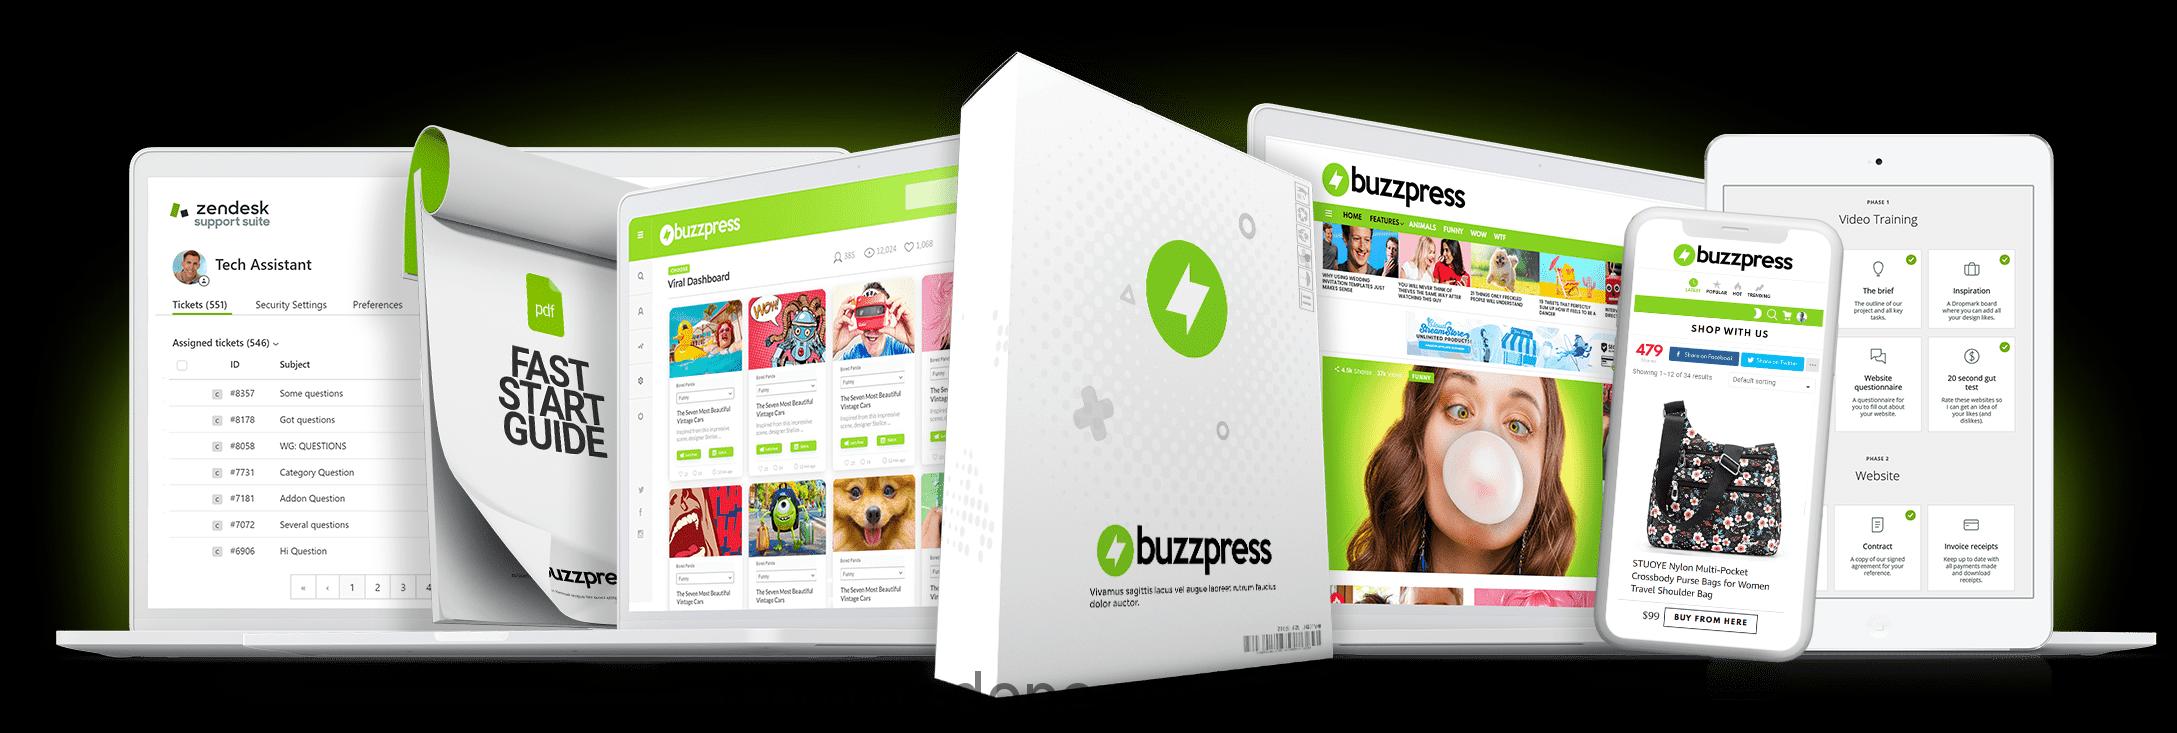 BuzzPress Review